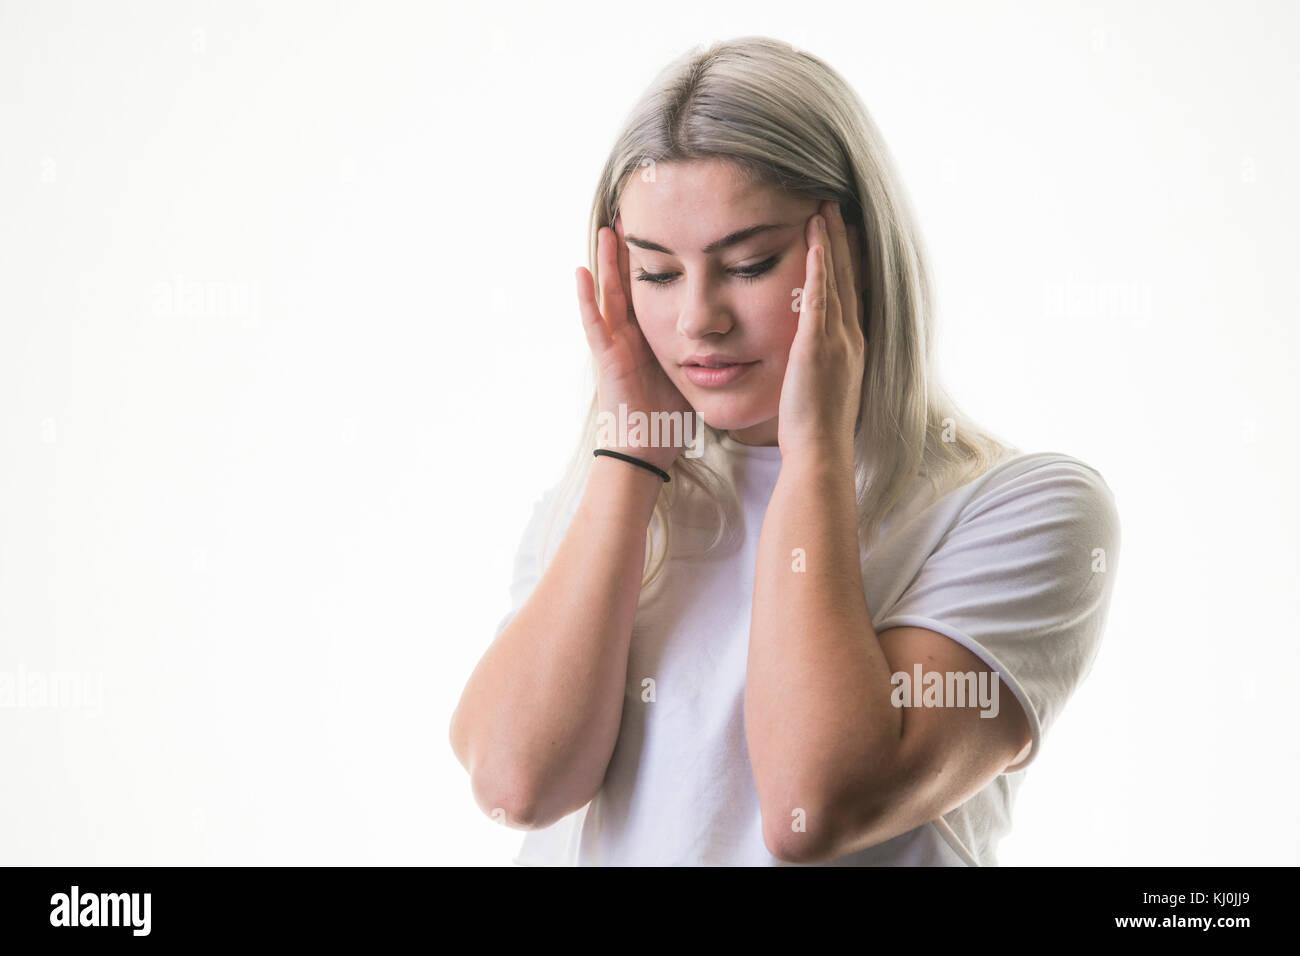 Teen girl rubbing her not present